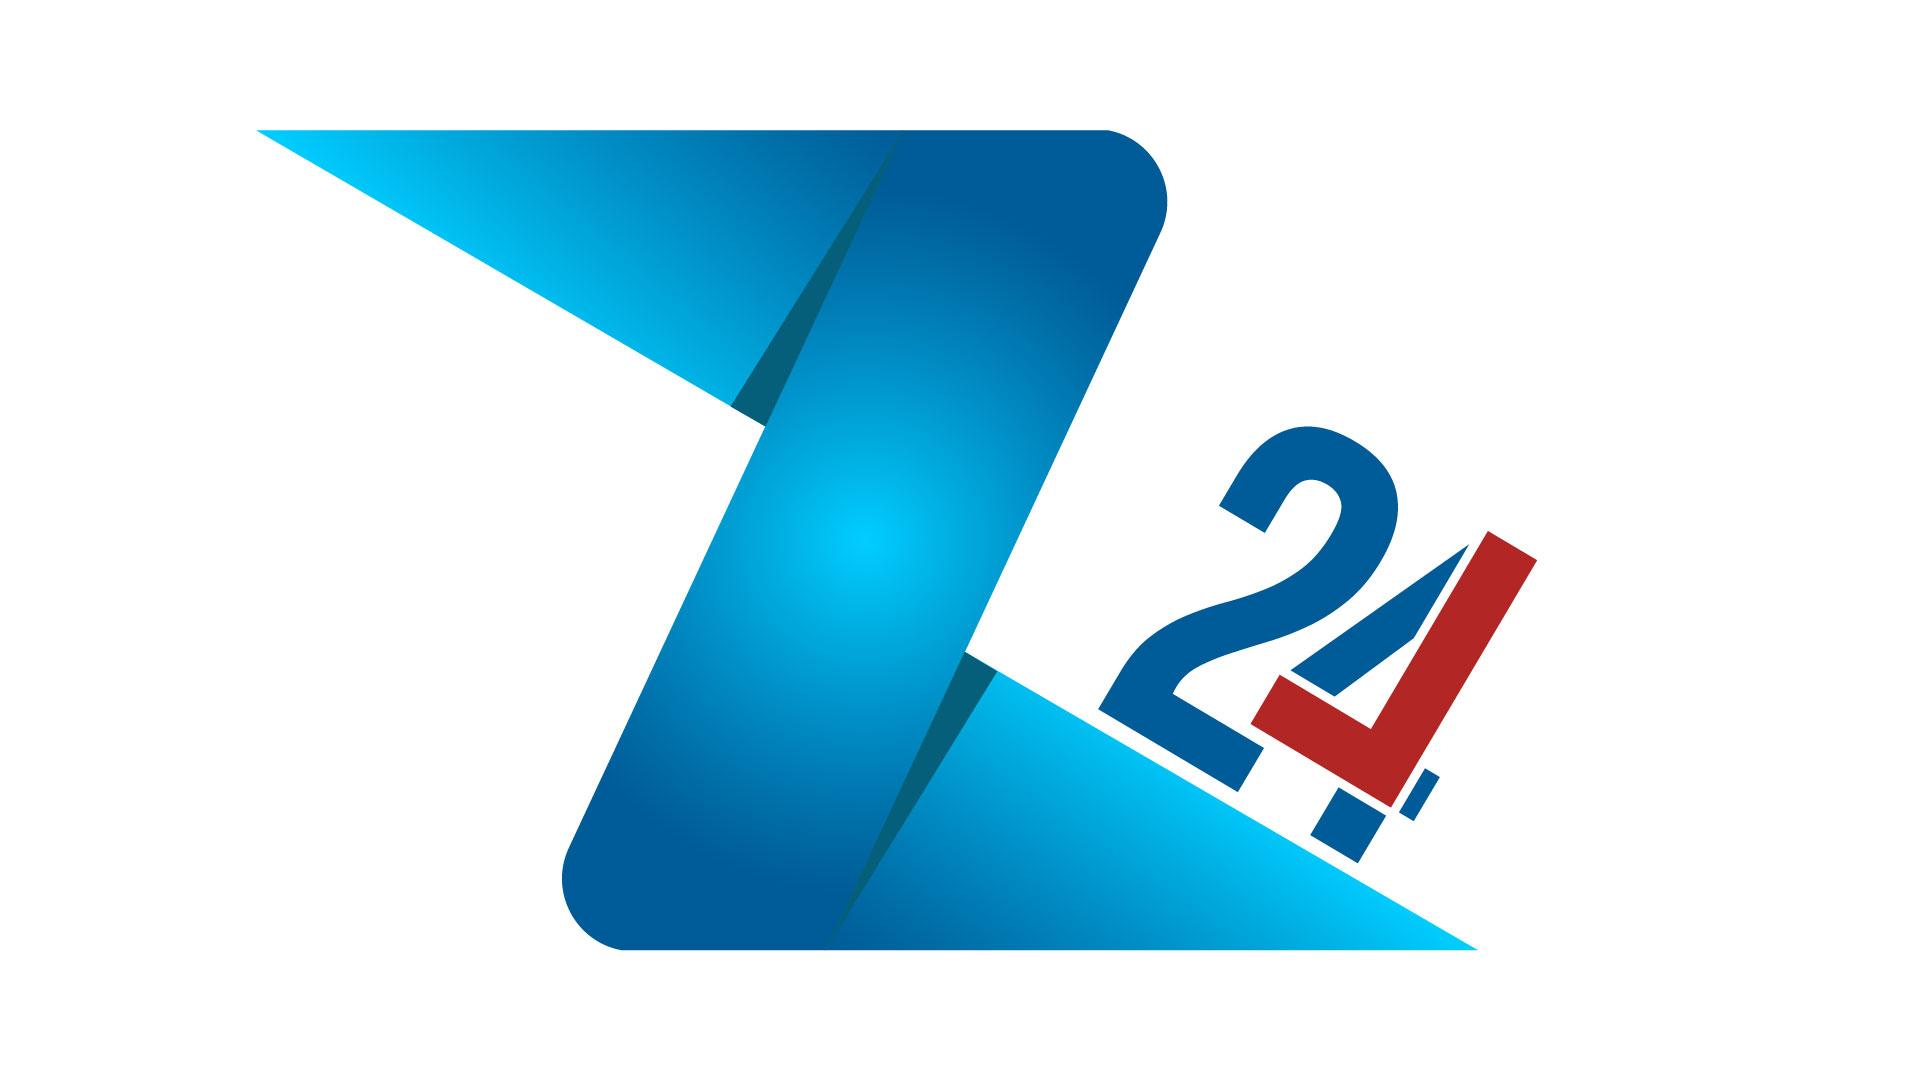 Логотип и фирменный стиль ZolTor24 фото f_1995c8f79f7cd52e.jpg